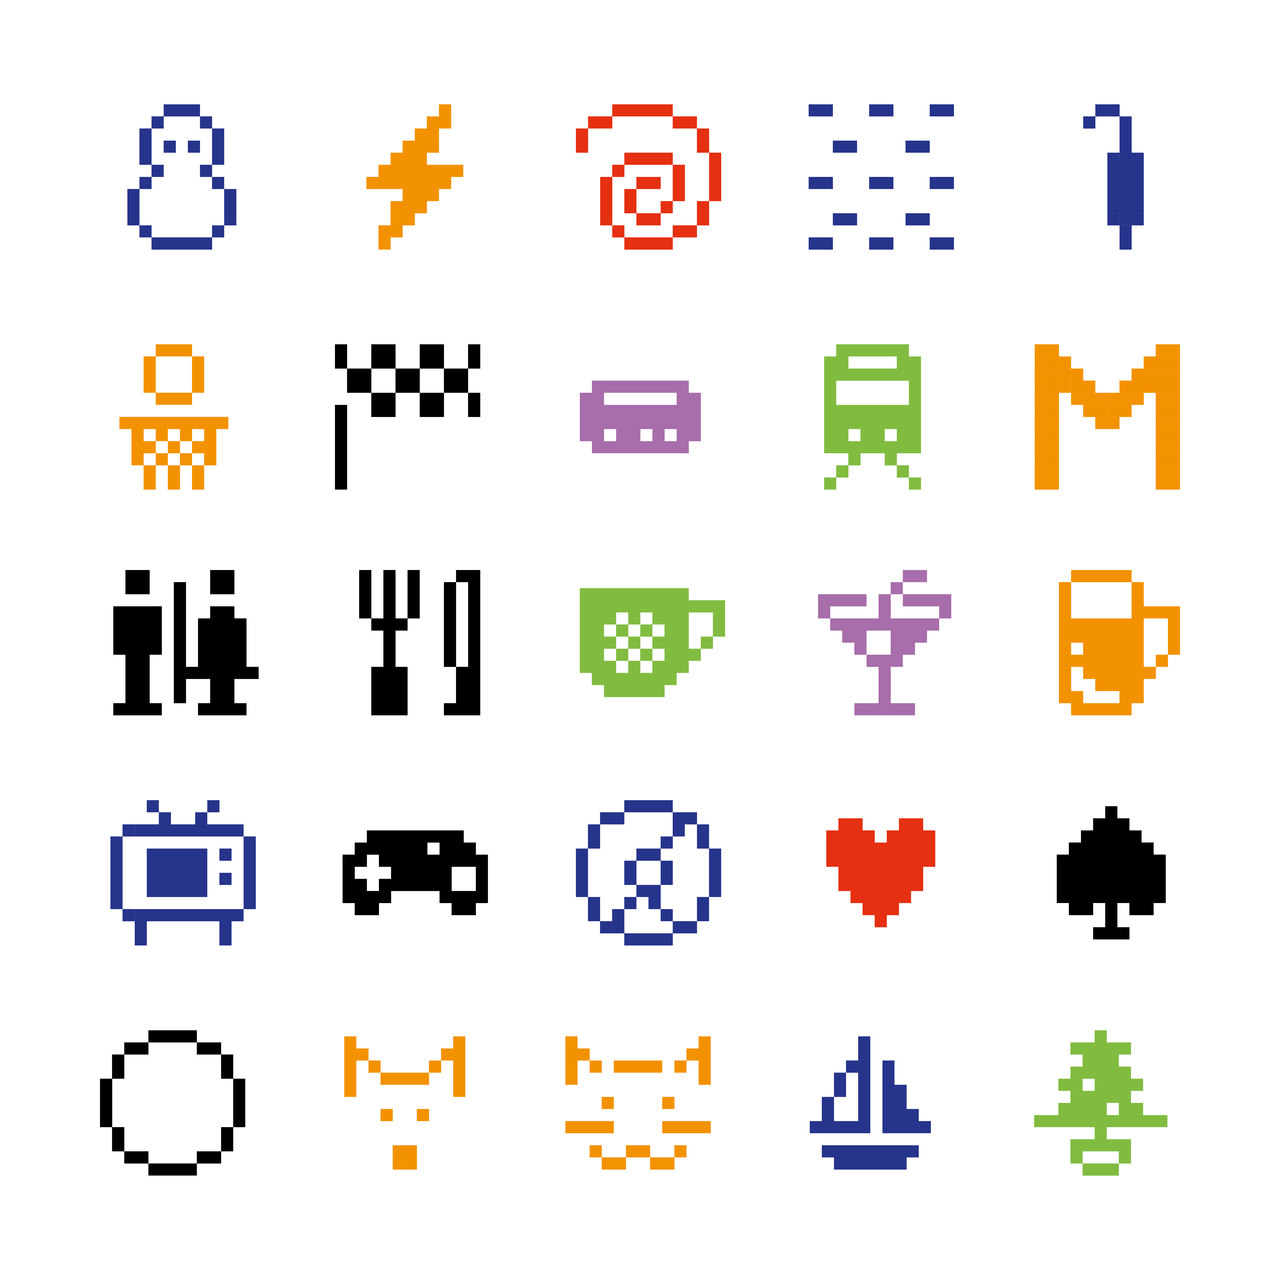 Shigetaka Kurita et al. for NTT DOCOMO INC., Emoji, 1998-99 © NTT DOCOMO, INC.